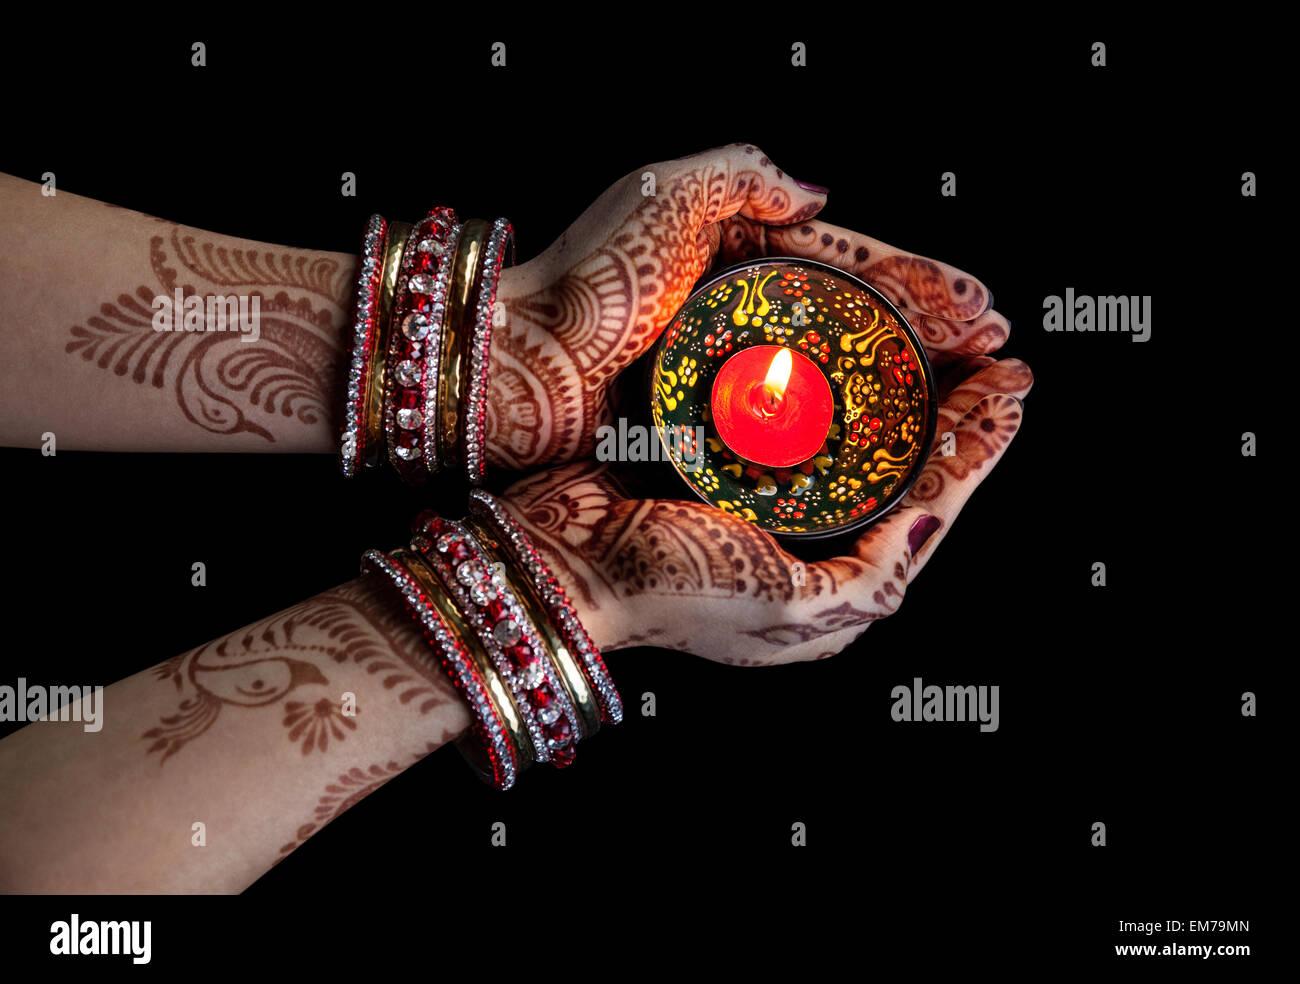 Frau Hände mit Henna mit Kerze auf Beschneidungspfad auf schwarzem Hintergrund isoliert Stockfoto